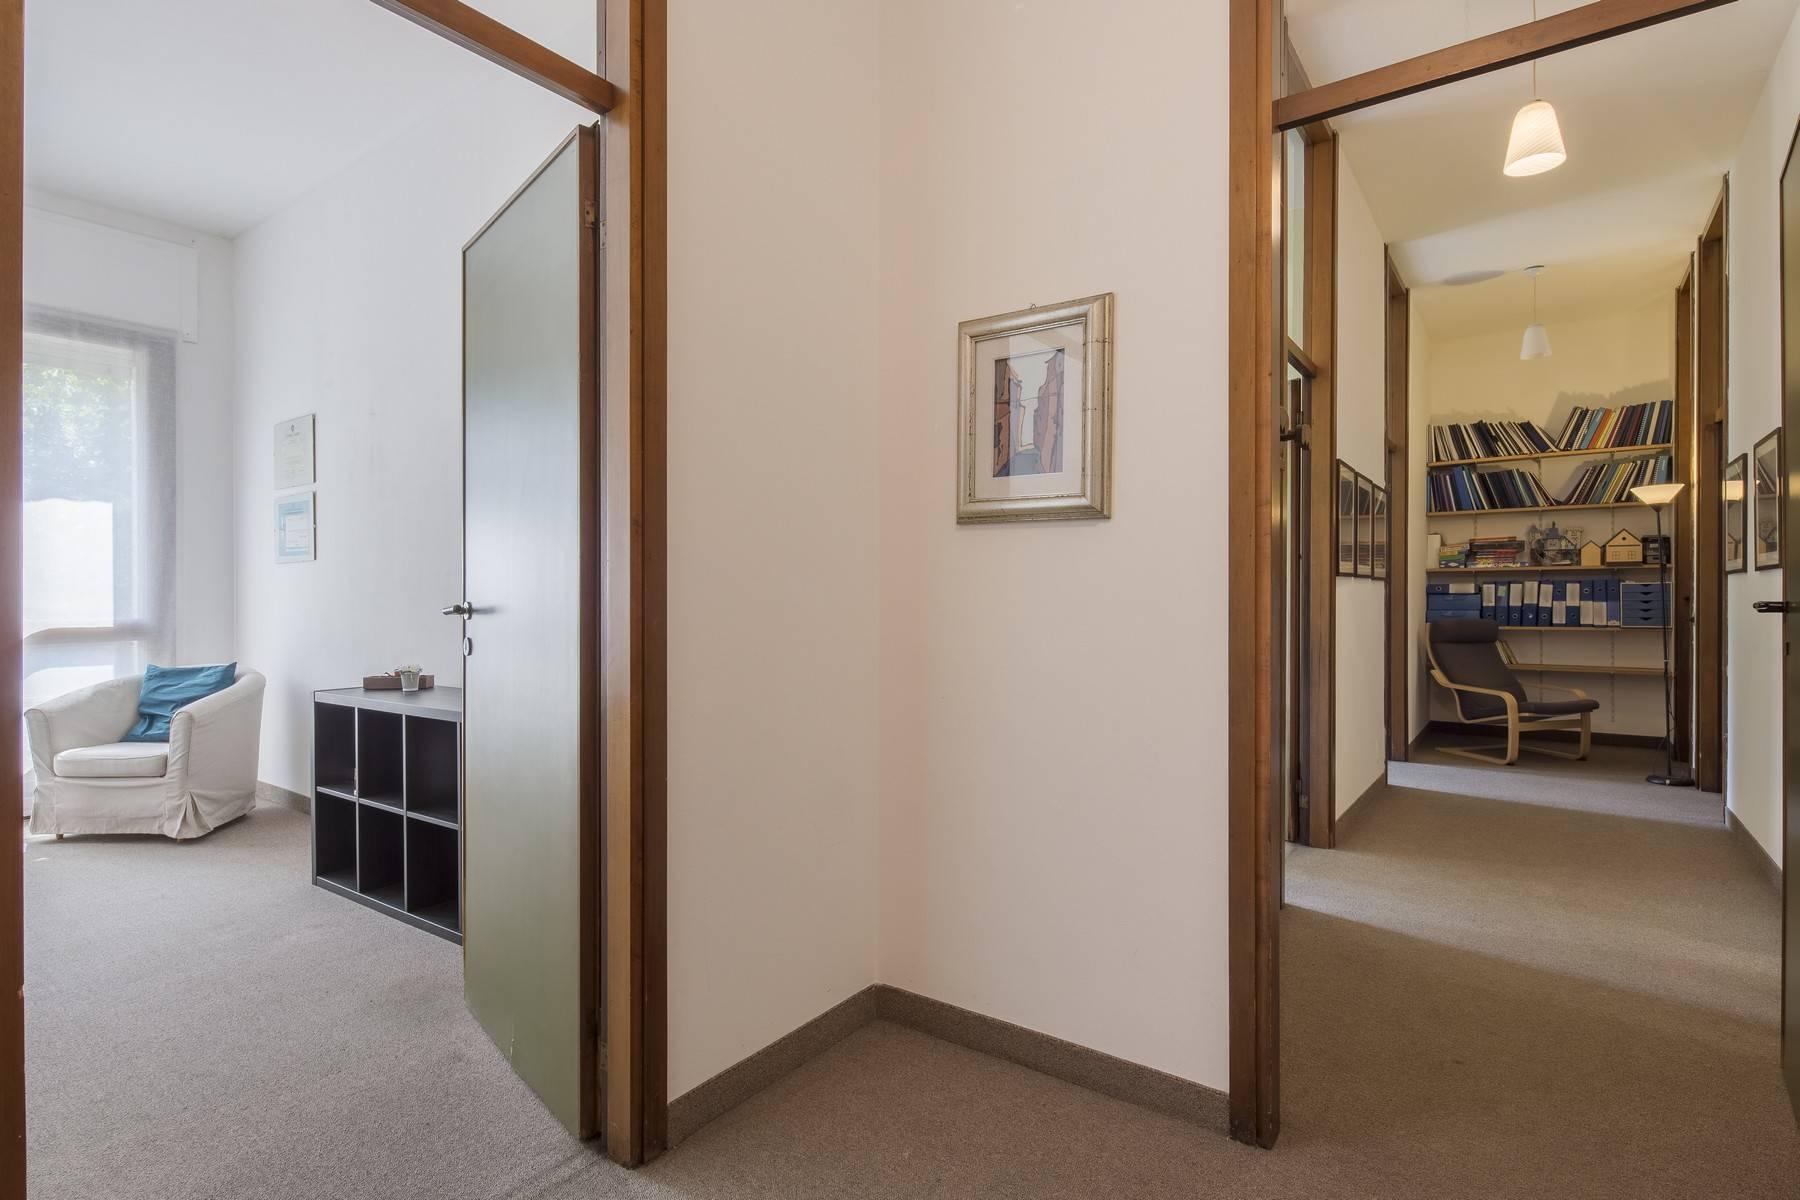 Appartamento in Vendita a Milano: 4 locali, 120 mq - Foto 14